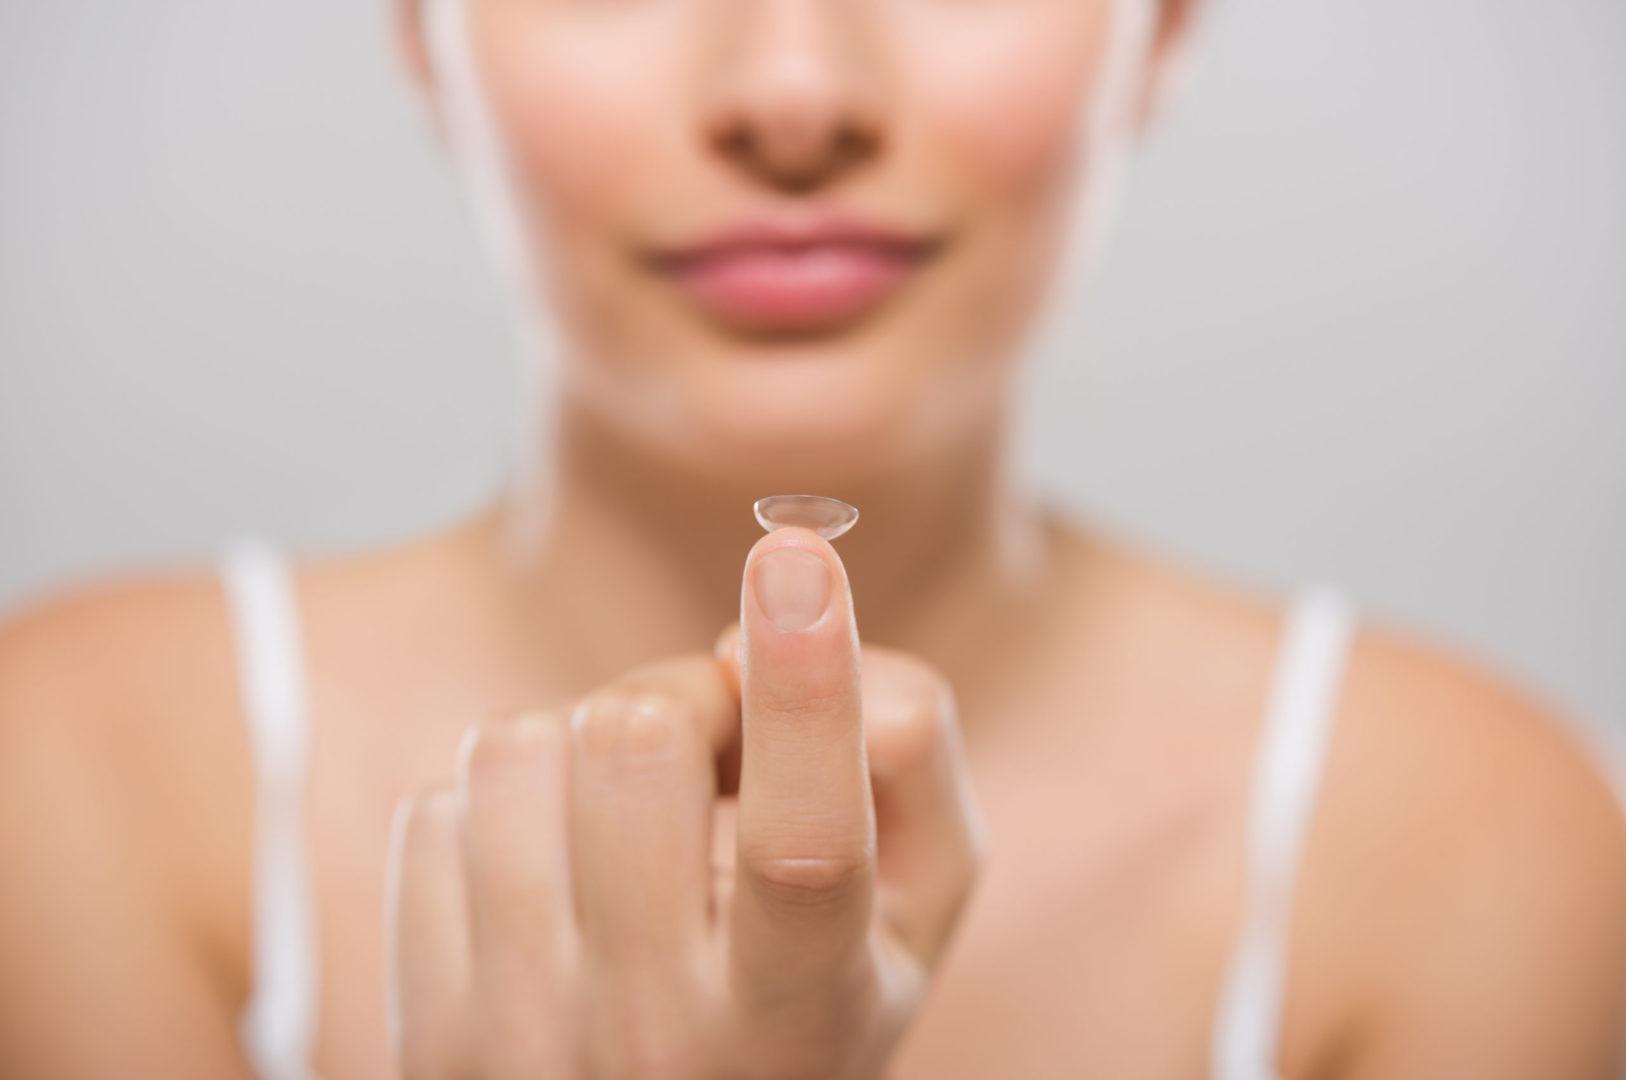 kontaktlinsen muenchen kontaktlinsenstudio 03 scaled - kontaktlinsen